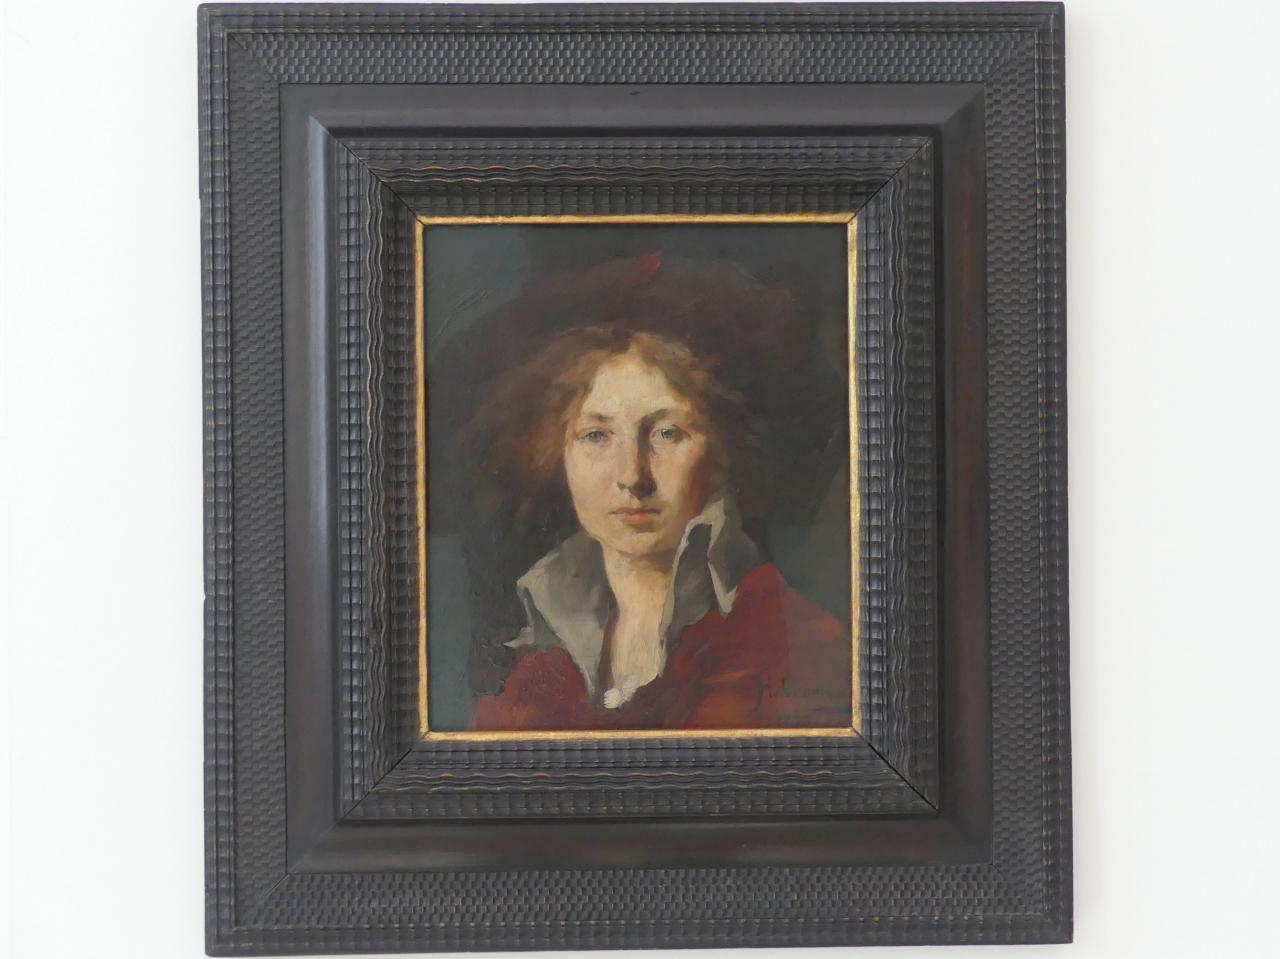 Hugo von Habermann: Weiblicher Kopf, 1875